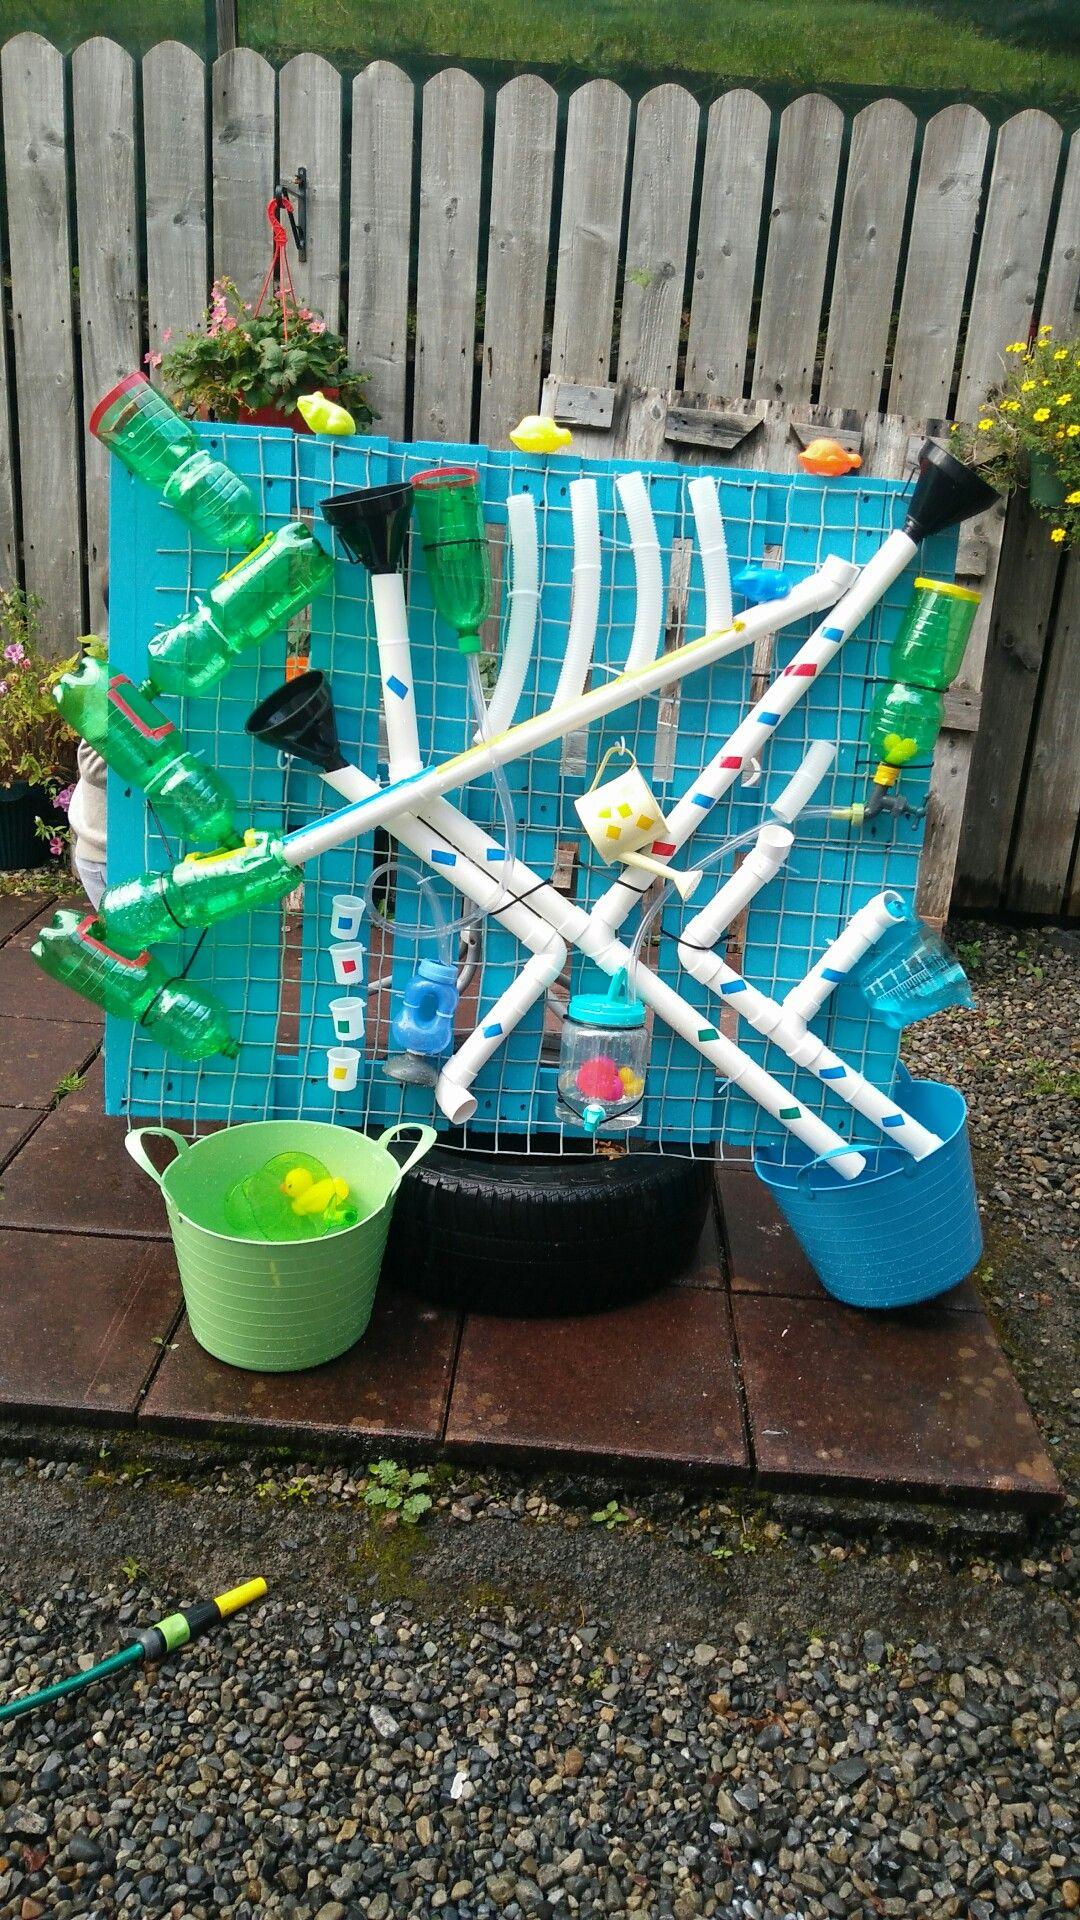 Aktivity Pre Deti Kinder Garten Spielplatz Draußen Spielen